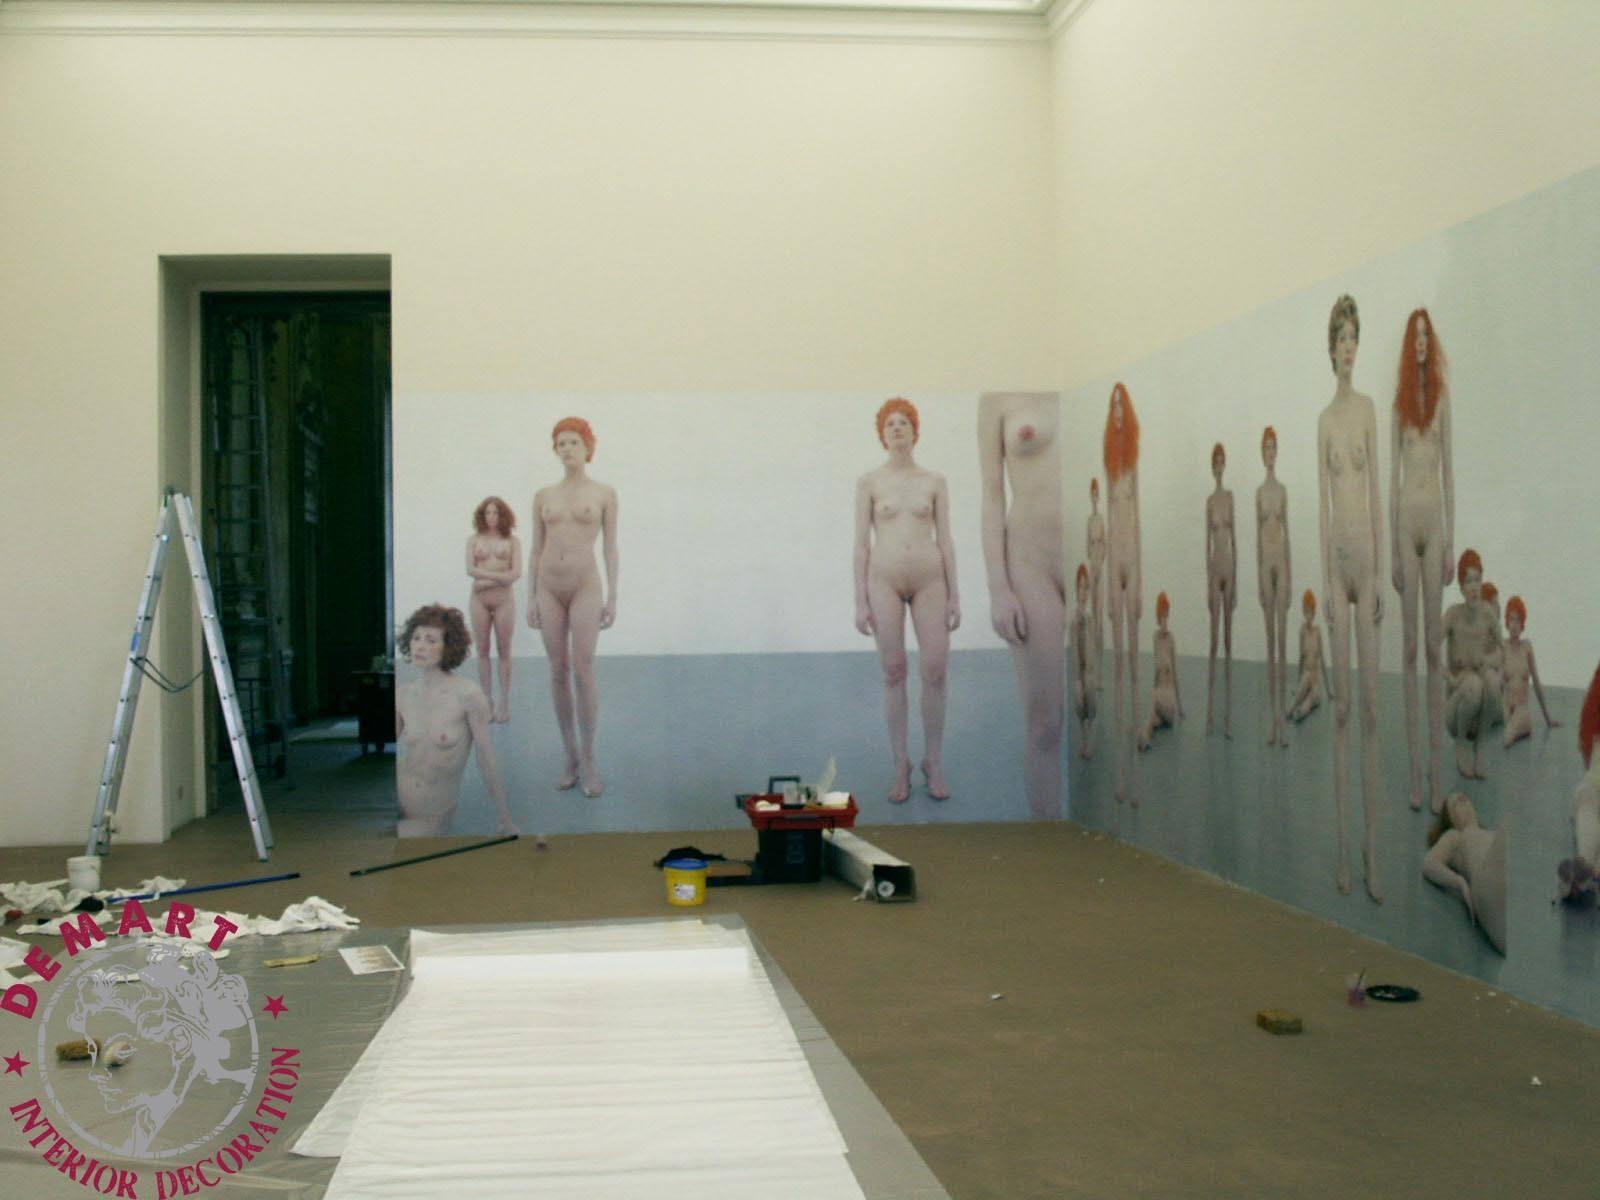 museo-arte-rivoli-vanessa-beecroft-affresco-digitale-lavori-04